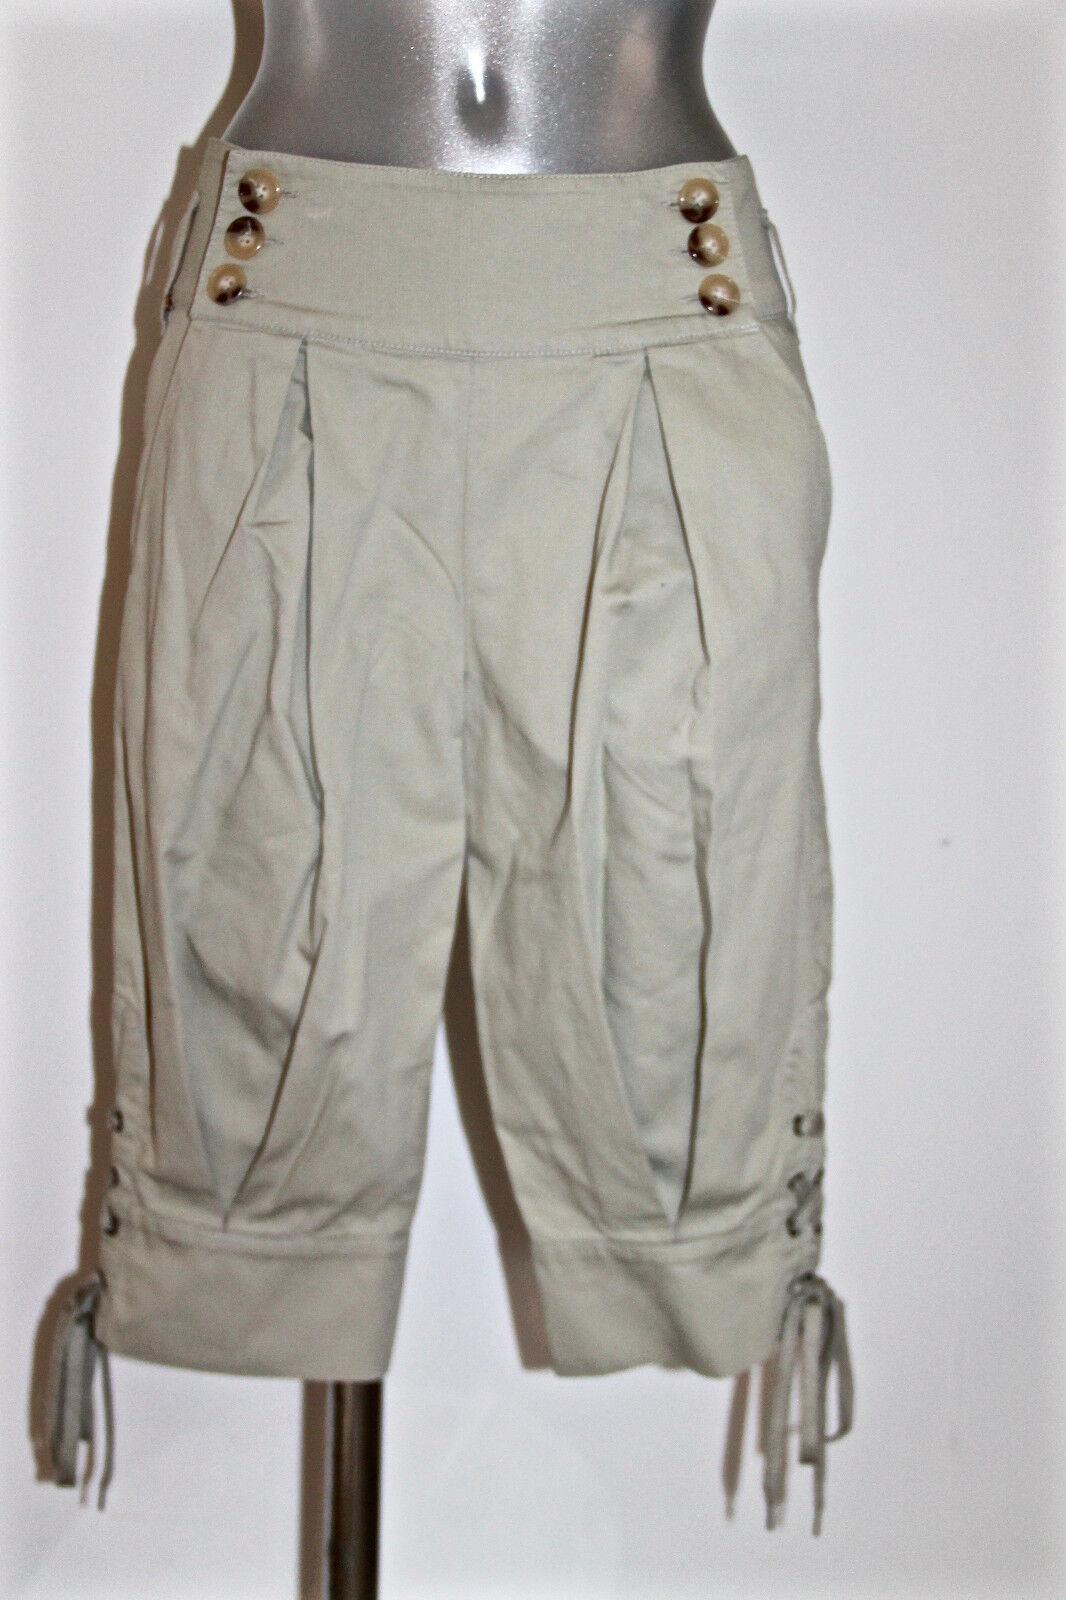 Adorable Three Quarter Pants Apron Lace Sportmax Max Mara T 36 Fr I38 as Enuf